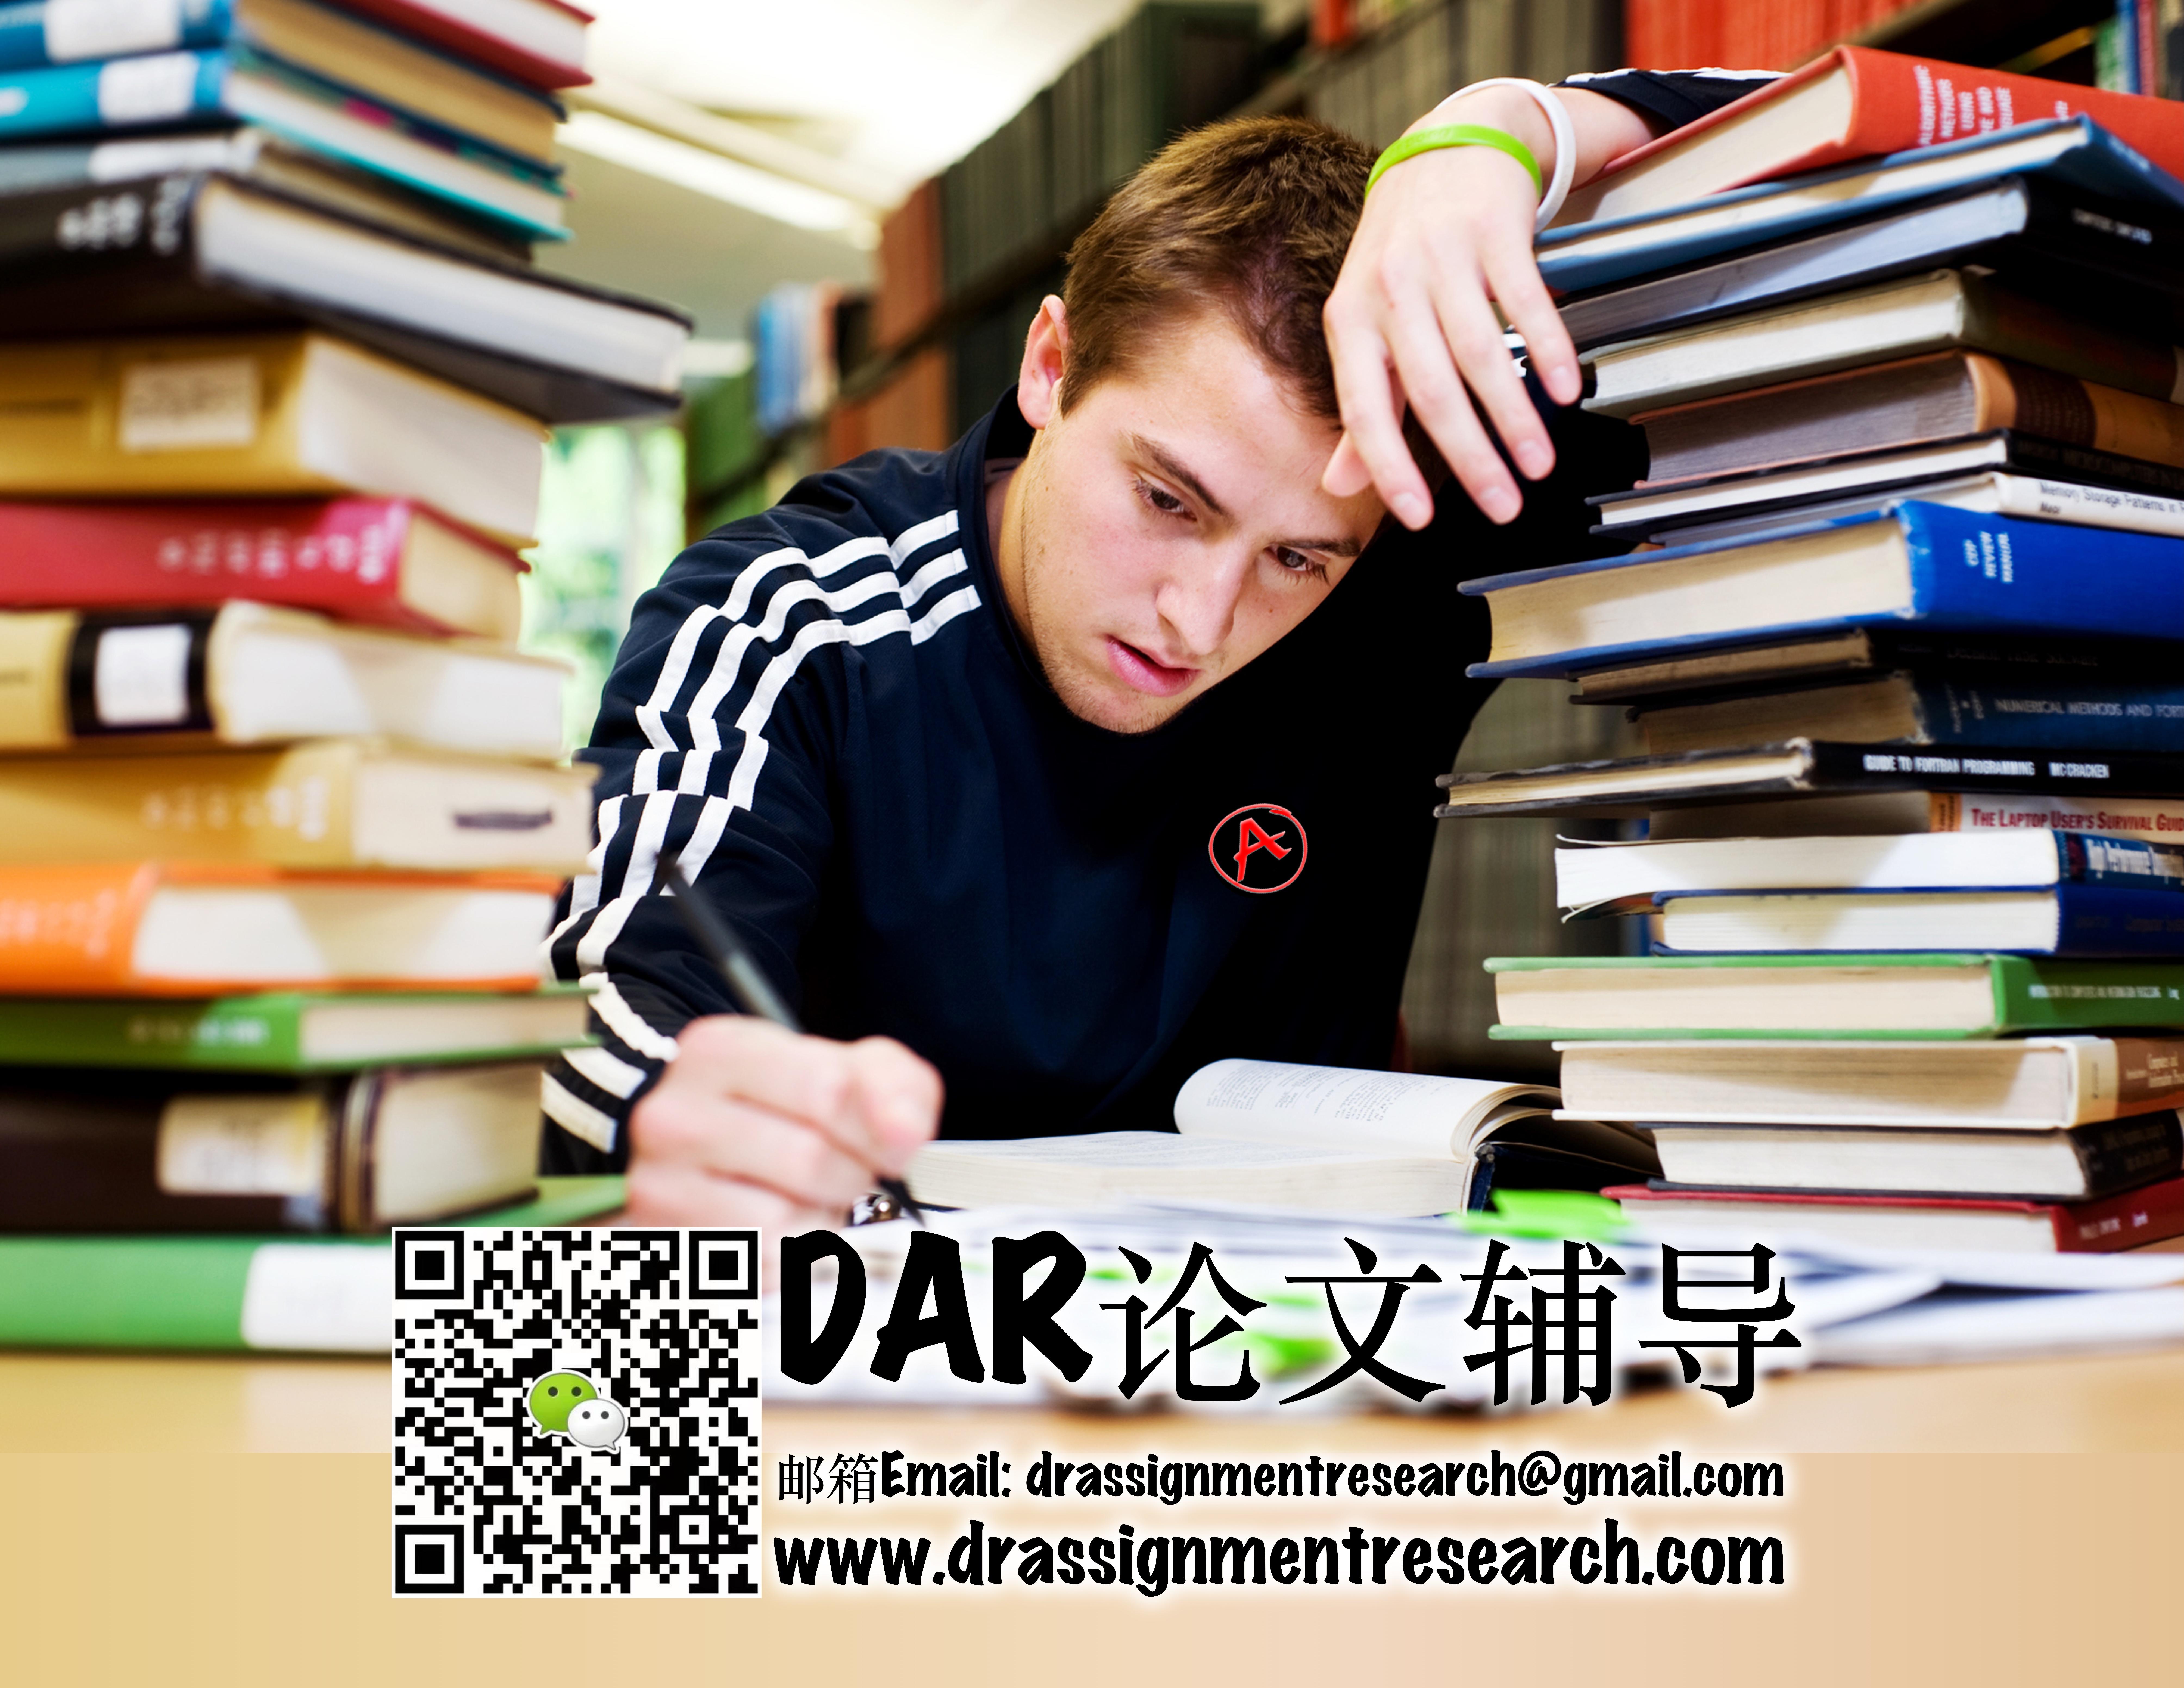 论文代写 assignment helper DAR论文辅导 drassignmentresearch